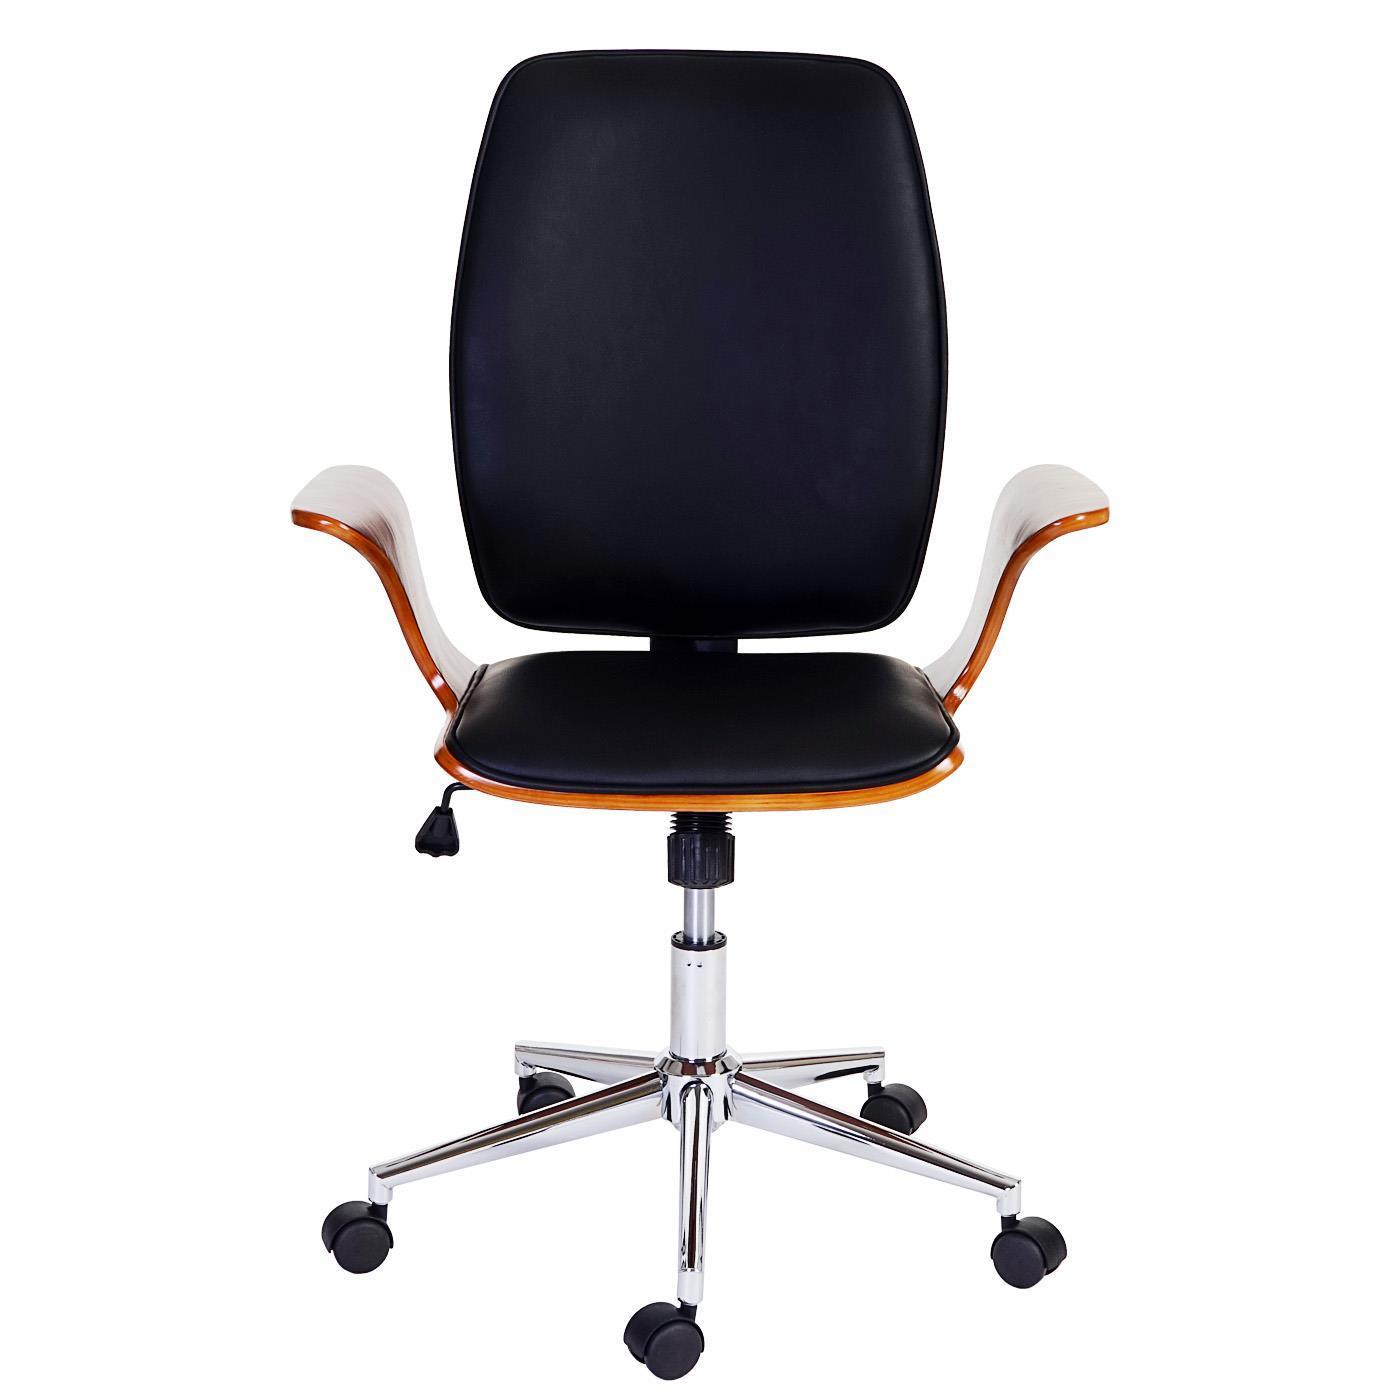 Chaise de Bureau SATURNE, Design Exclusif, Bois et Cuir ...